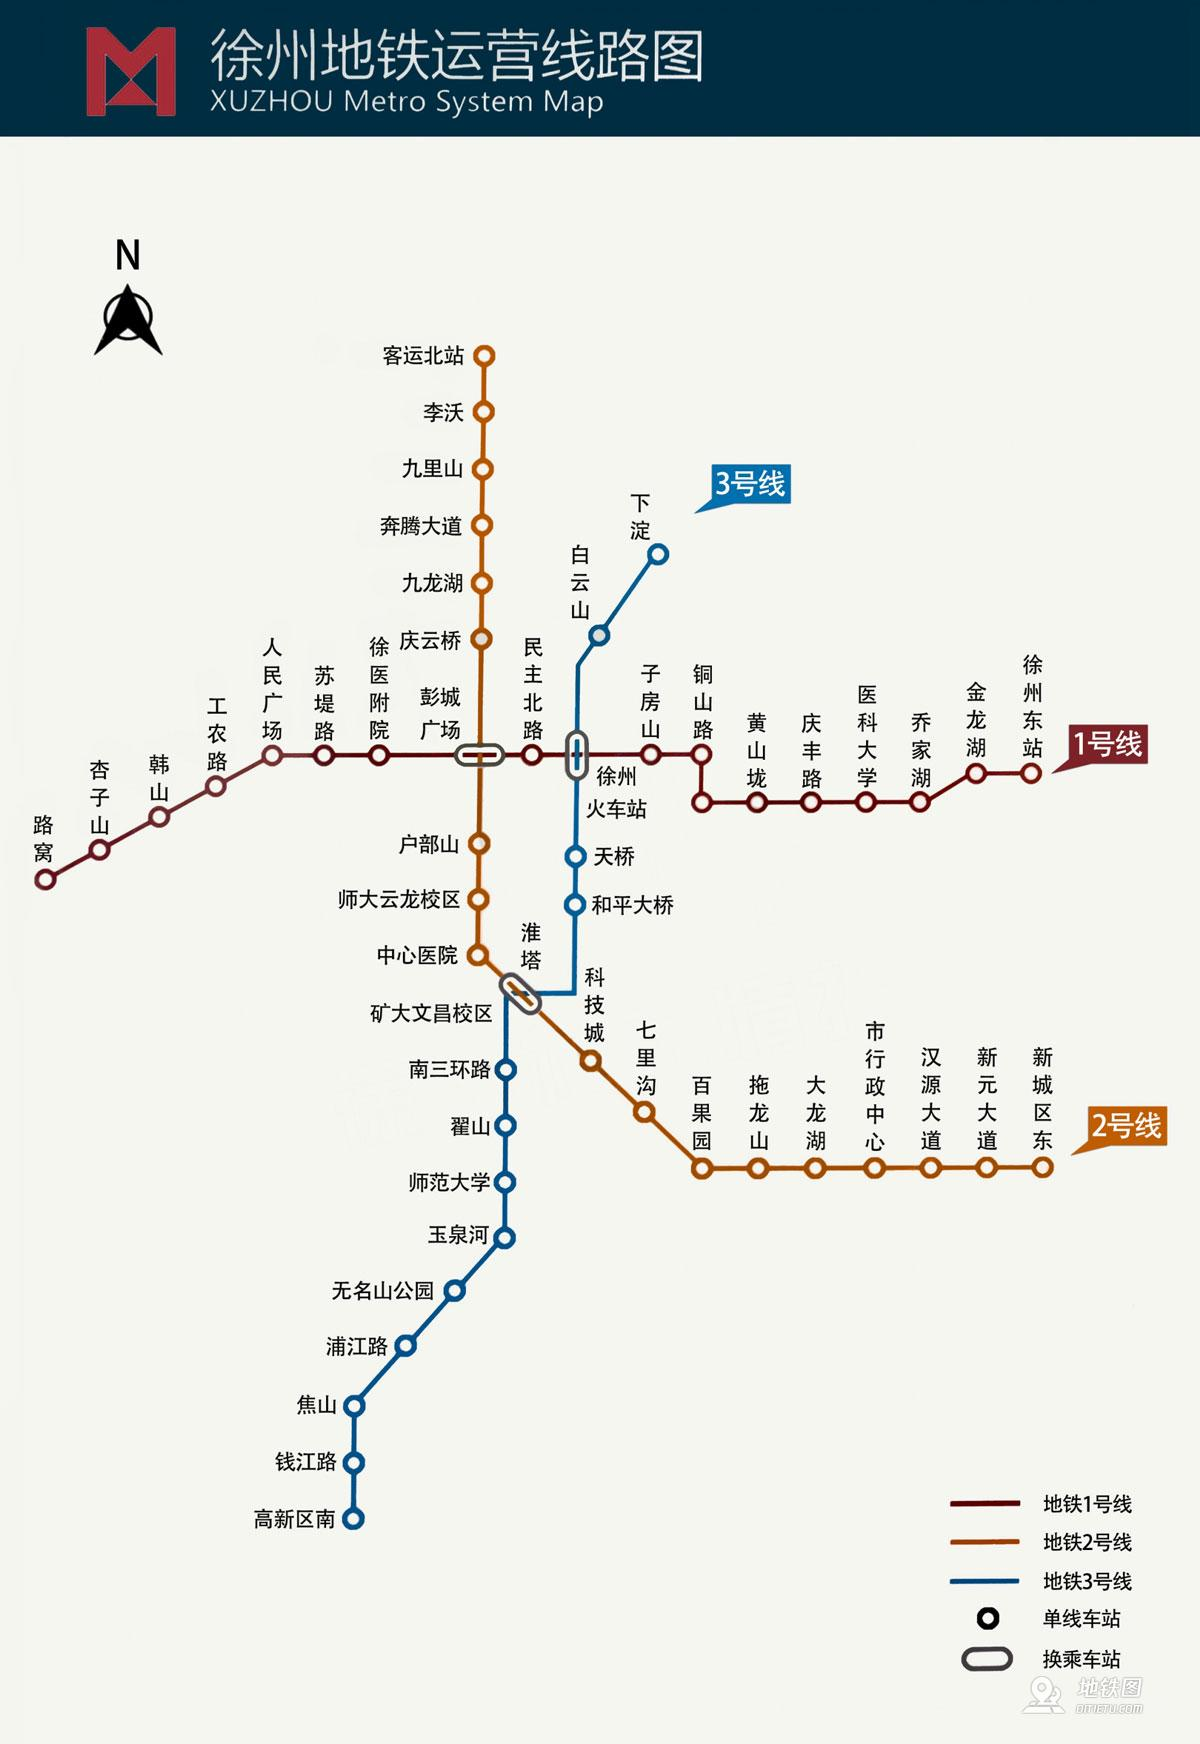 徐州地铁线路图 运营时间票价站点 查询下载 徐州地铁查询 徐州地铁线路图 徐州地铁票价 徐州地铁运营时间 徐州地铁 徐州地铁线路图  第1张